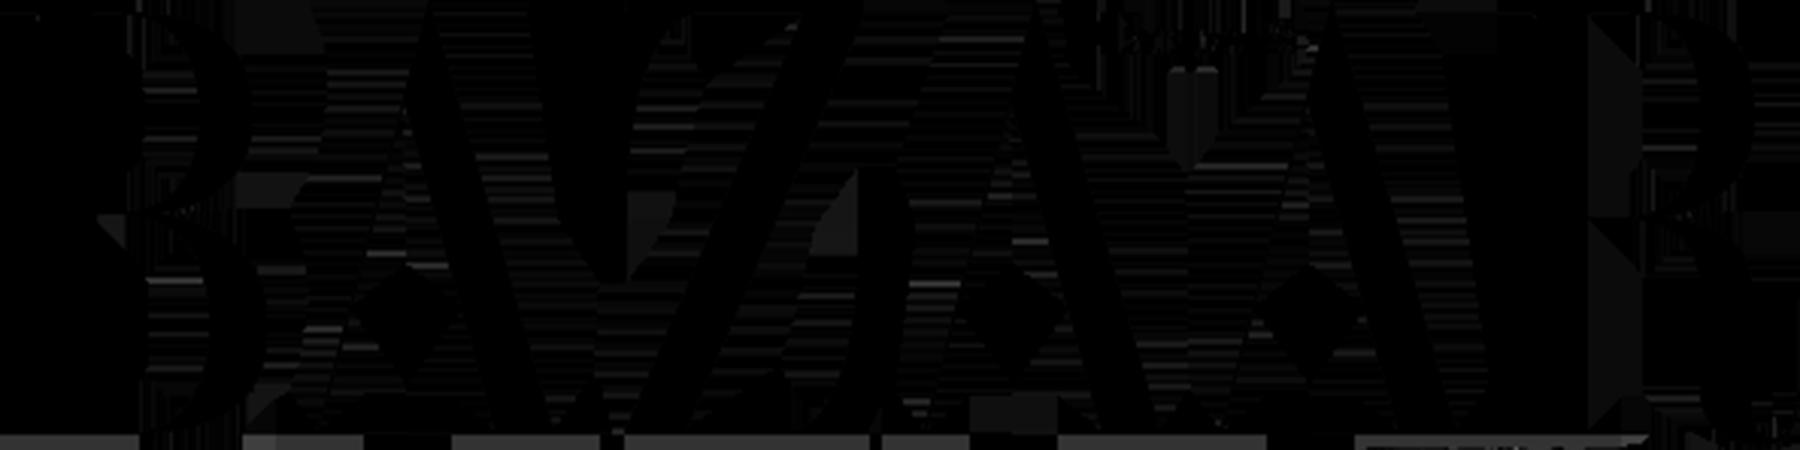 bazaar-sg-logo-v2 (1).png